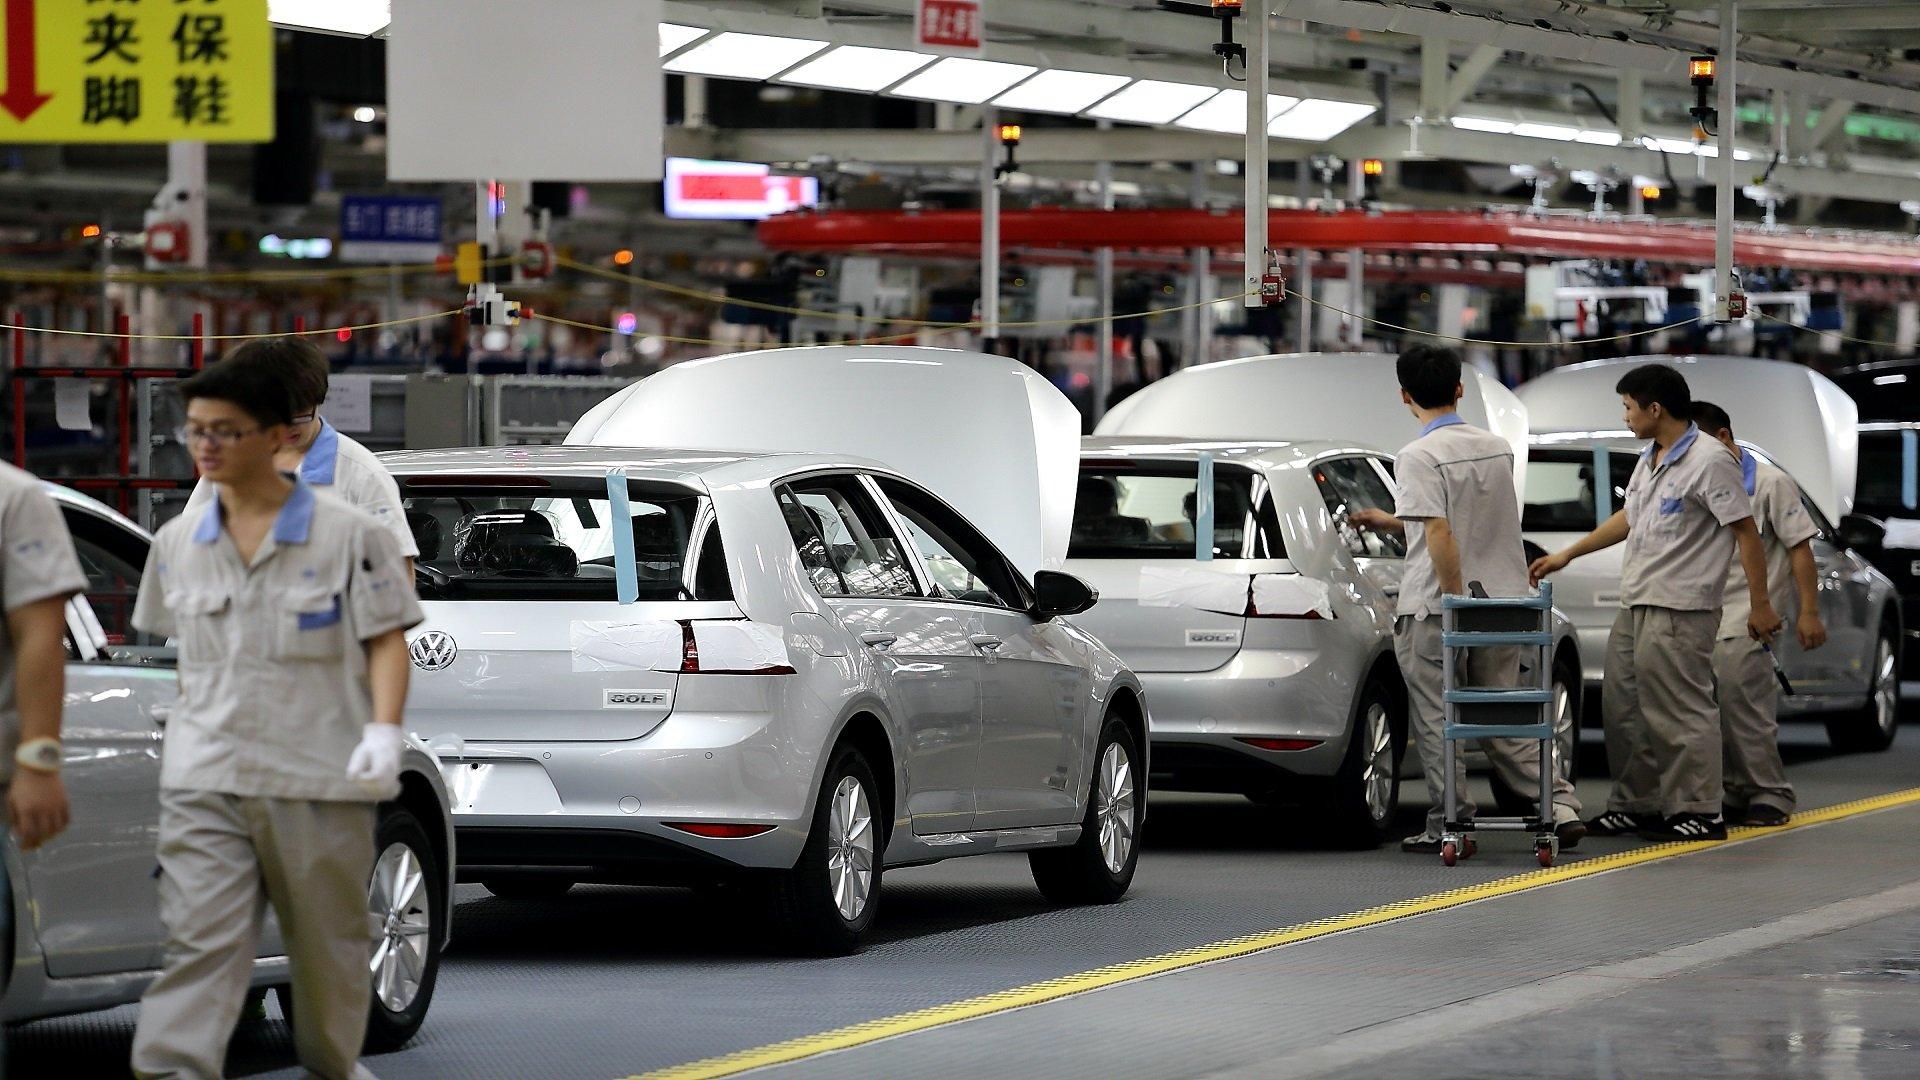 انهار سوق السيارات الجديدة بسبب كورونا.